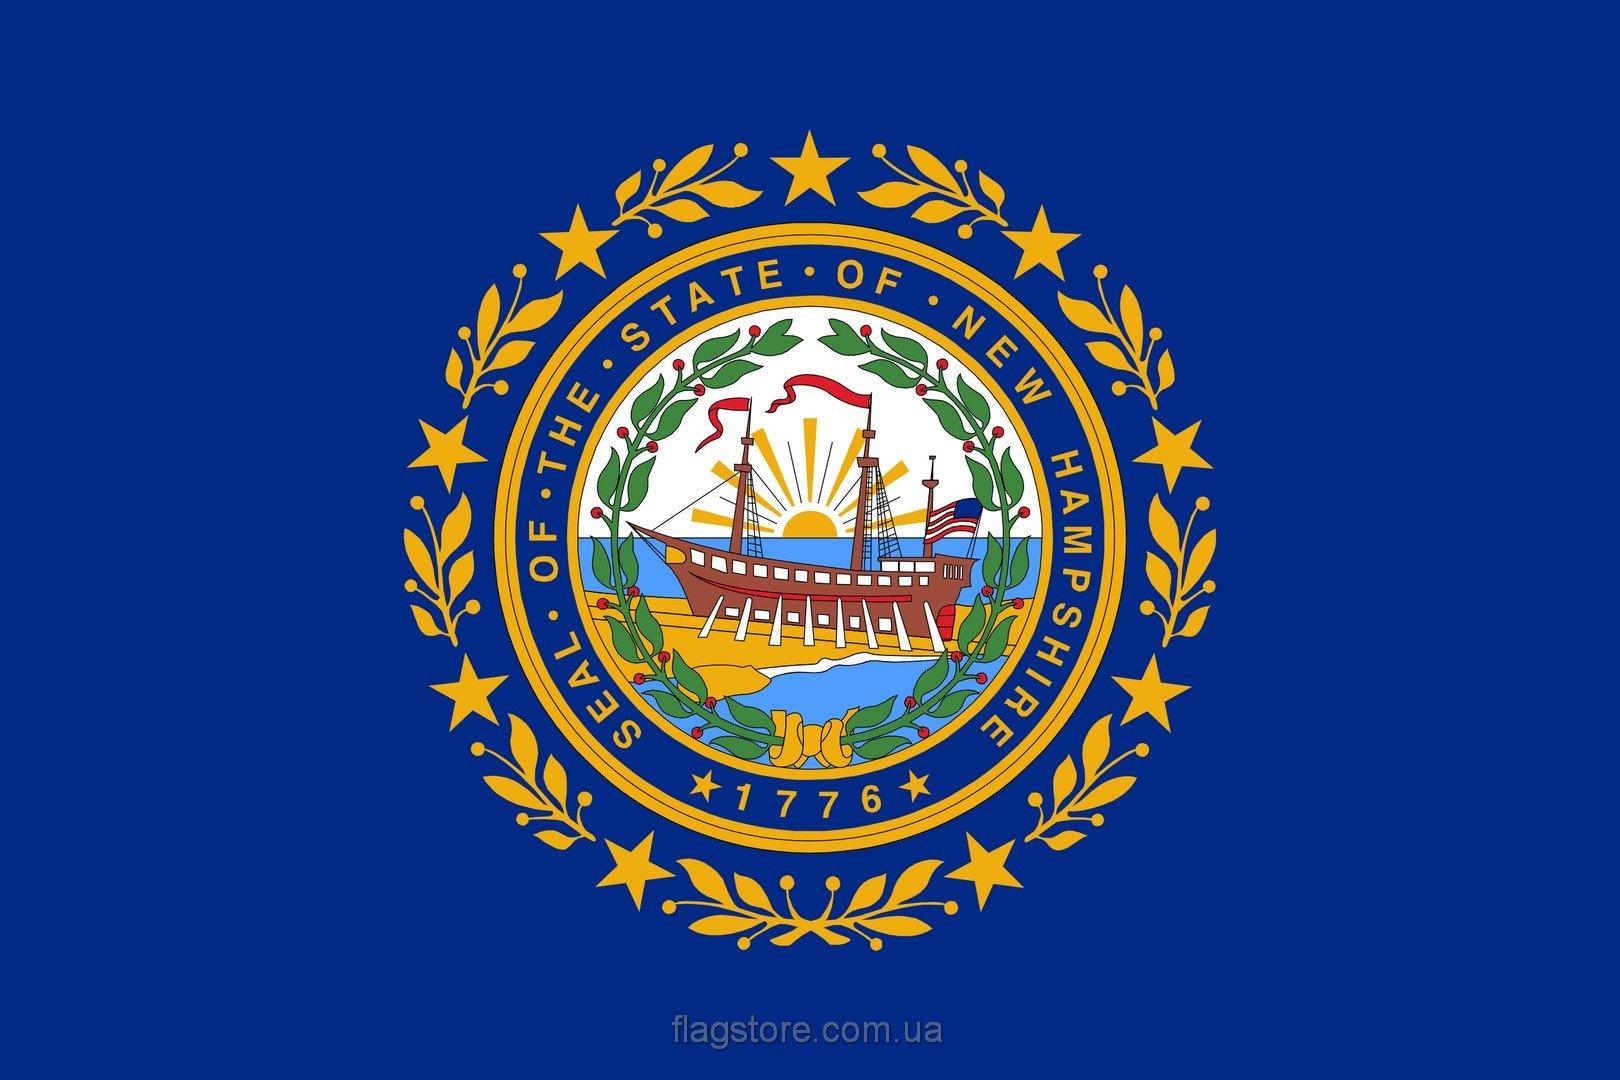 Купить флаг Нью-Гэмпшира (штата Нью-Гэмпшир)